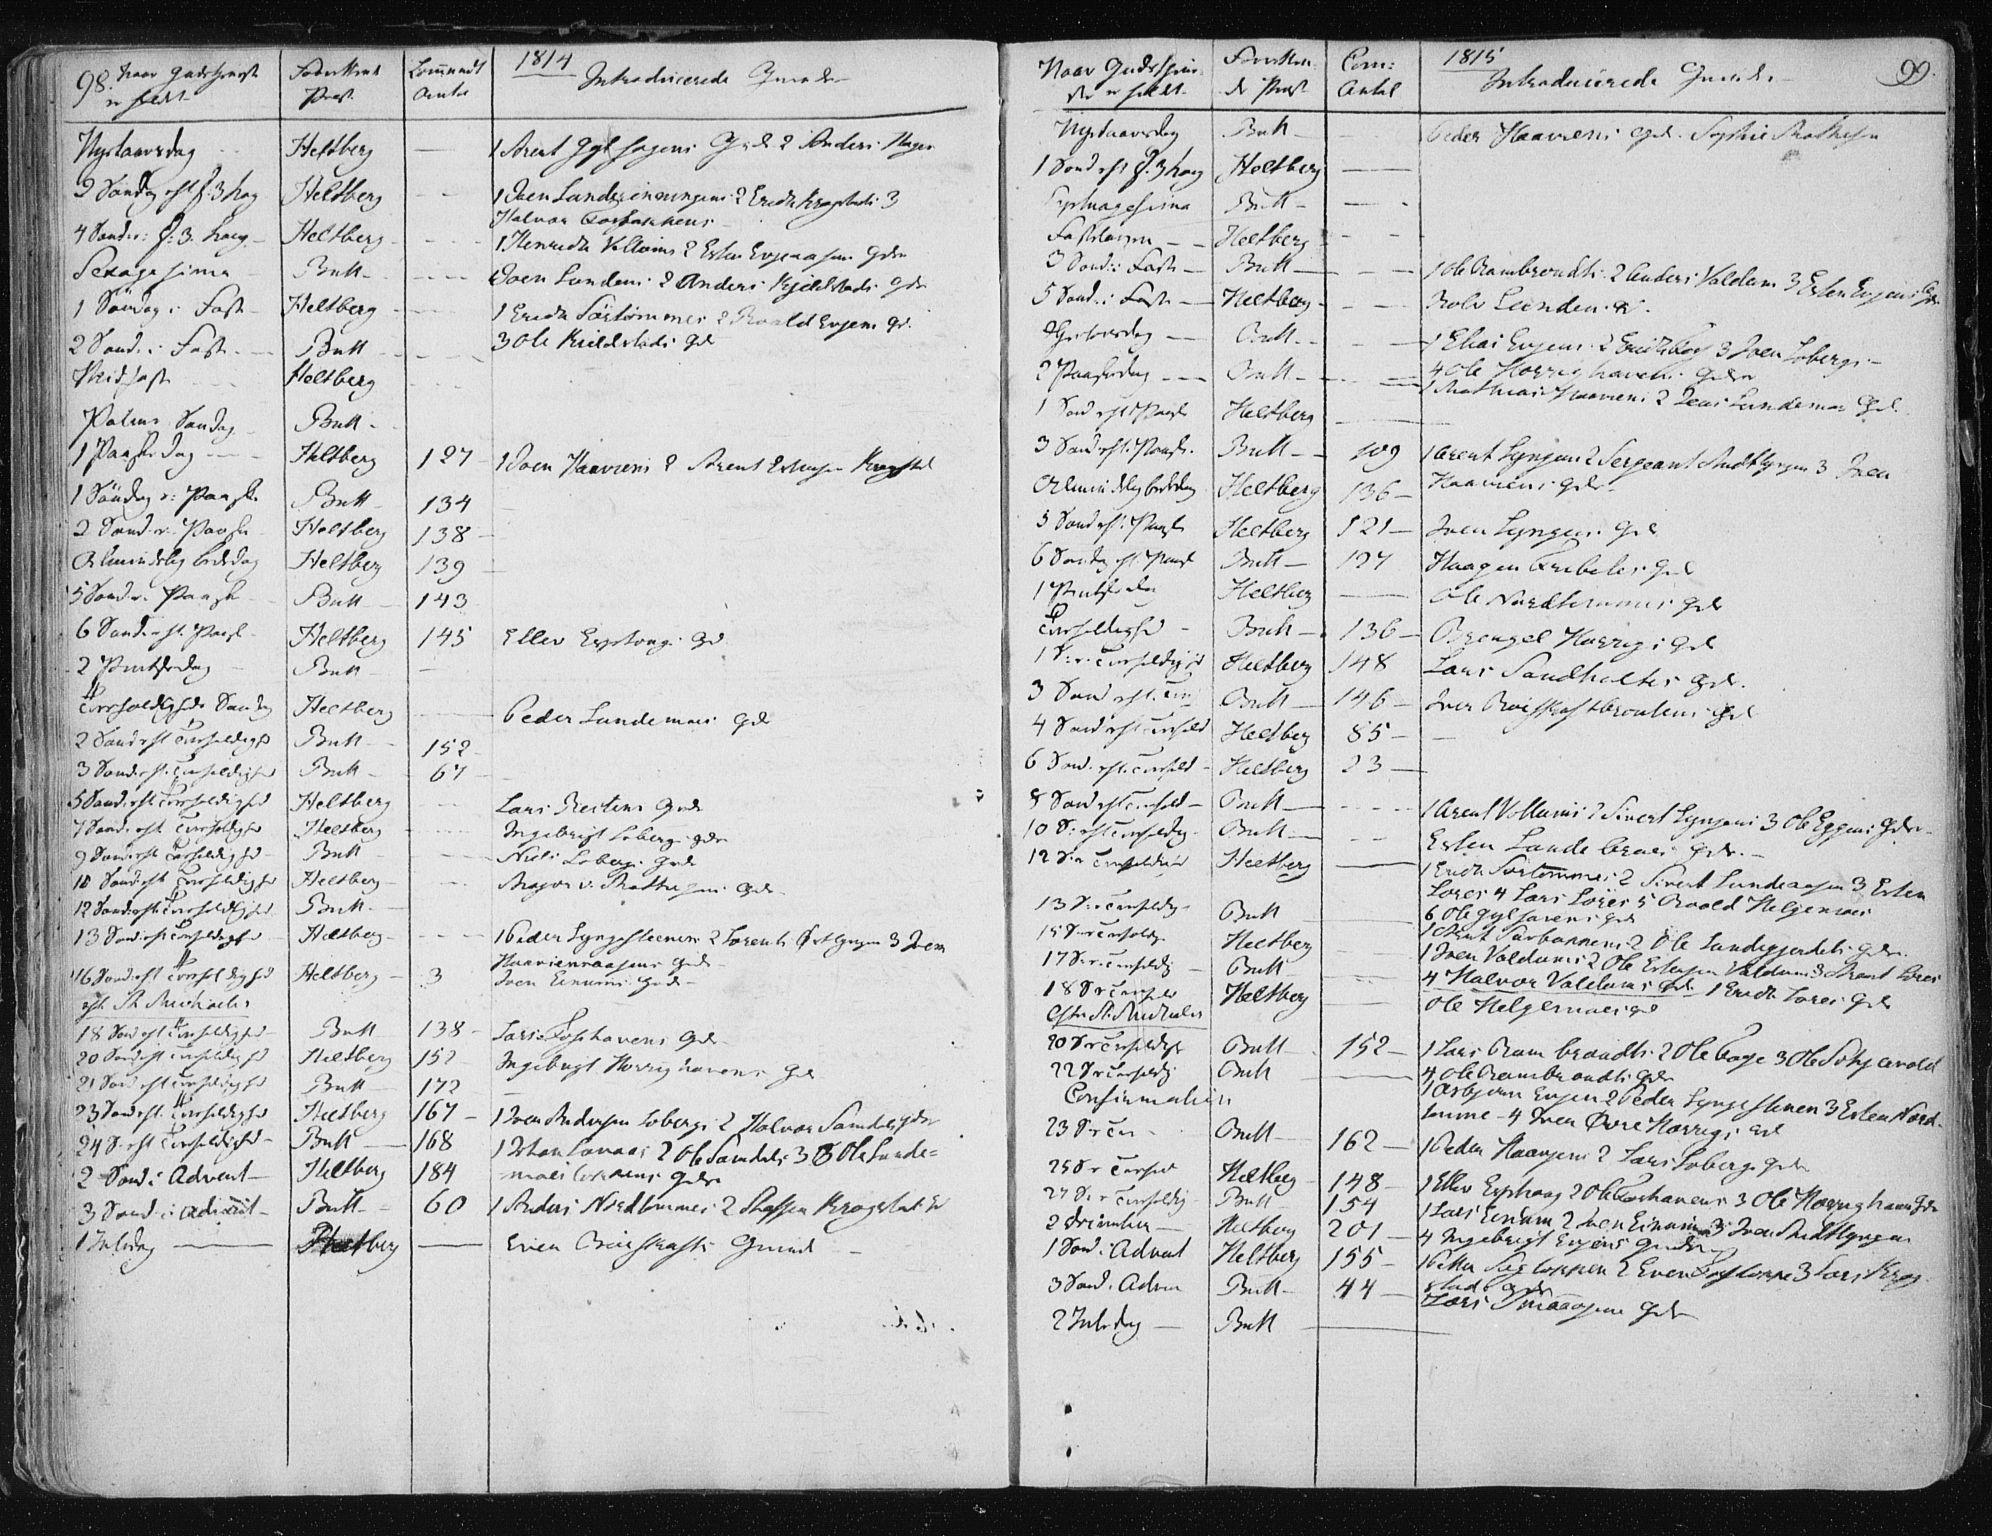 SAT, Ministerialprotokoller, klokkerbøker og fødselsregistre - Sør-Trøndelag, 687/L0993: Ministerialbok nr. 687A03 /2, 1788-1815, s. 98-99